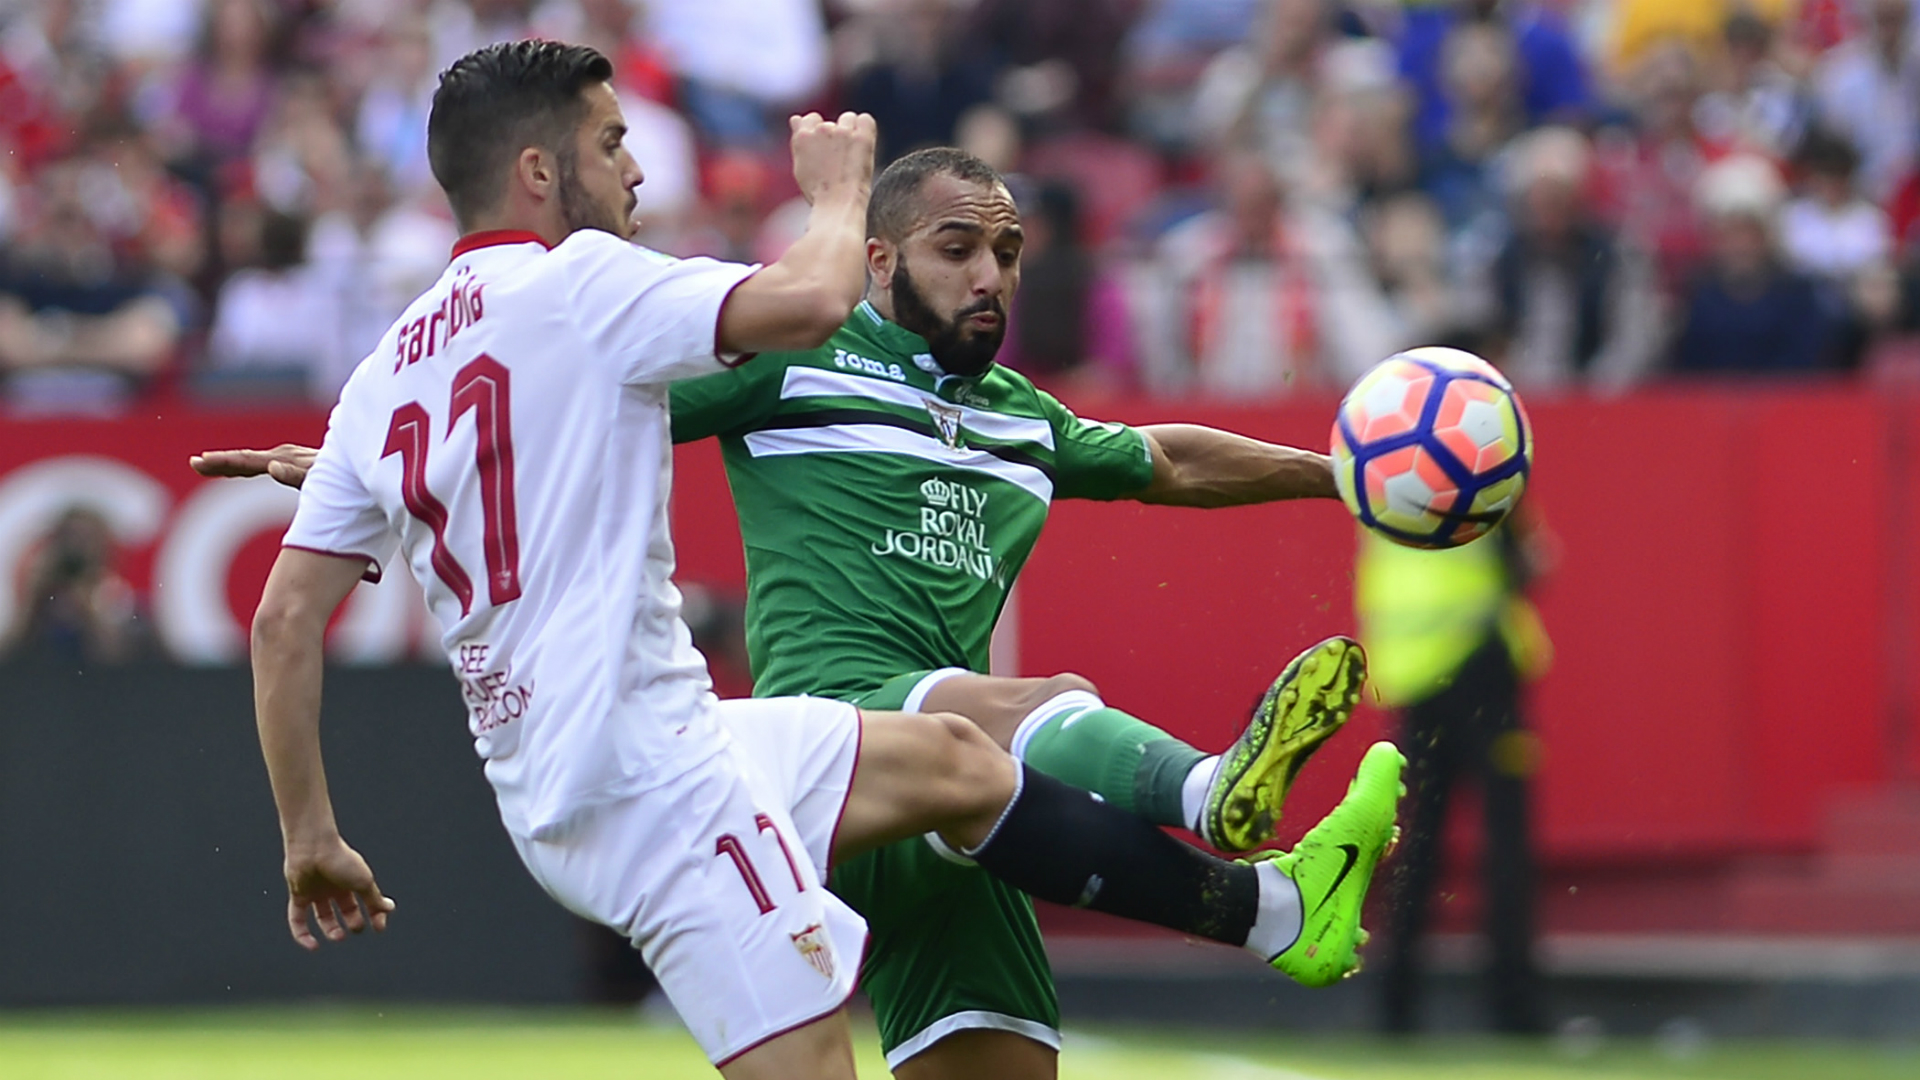 Pablo Sarabia Nabil El Zhar Sevilla Leganes La Liga